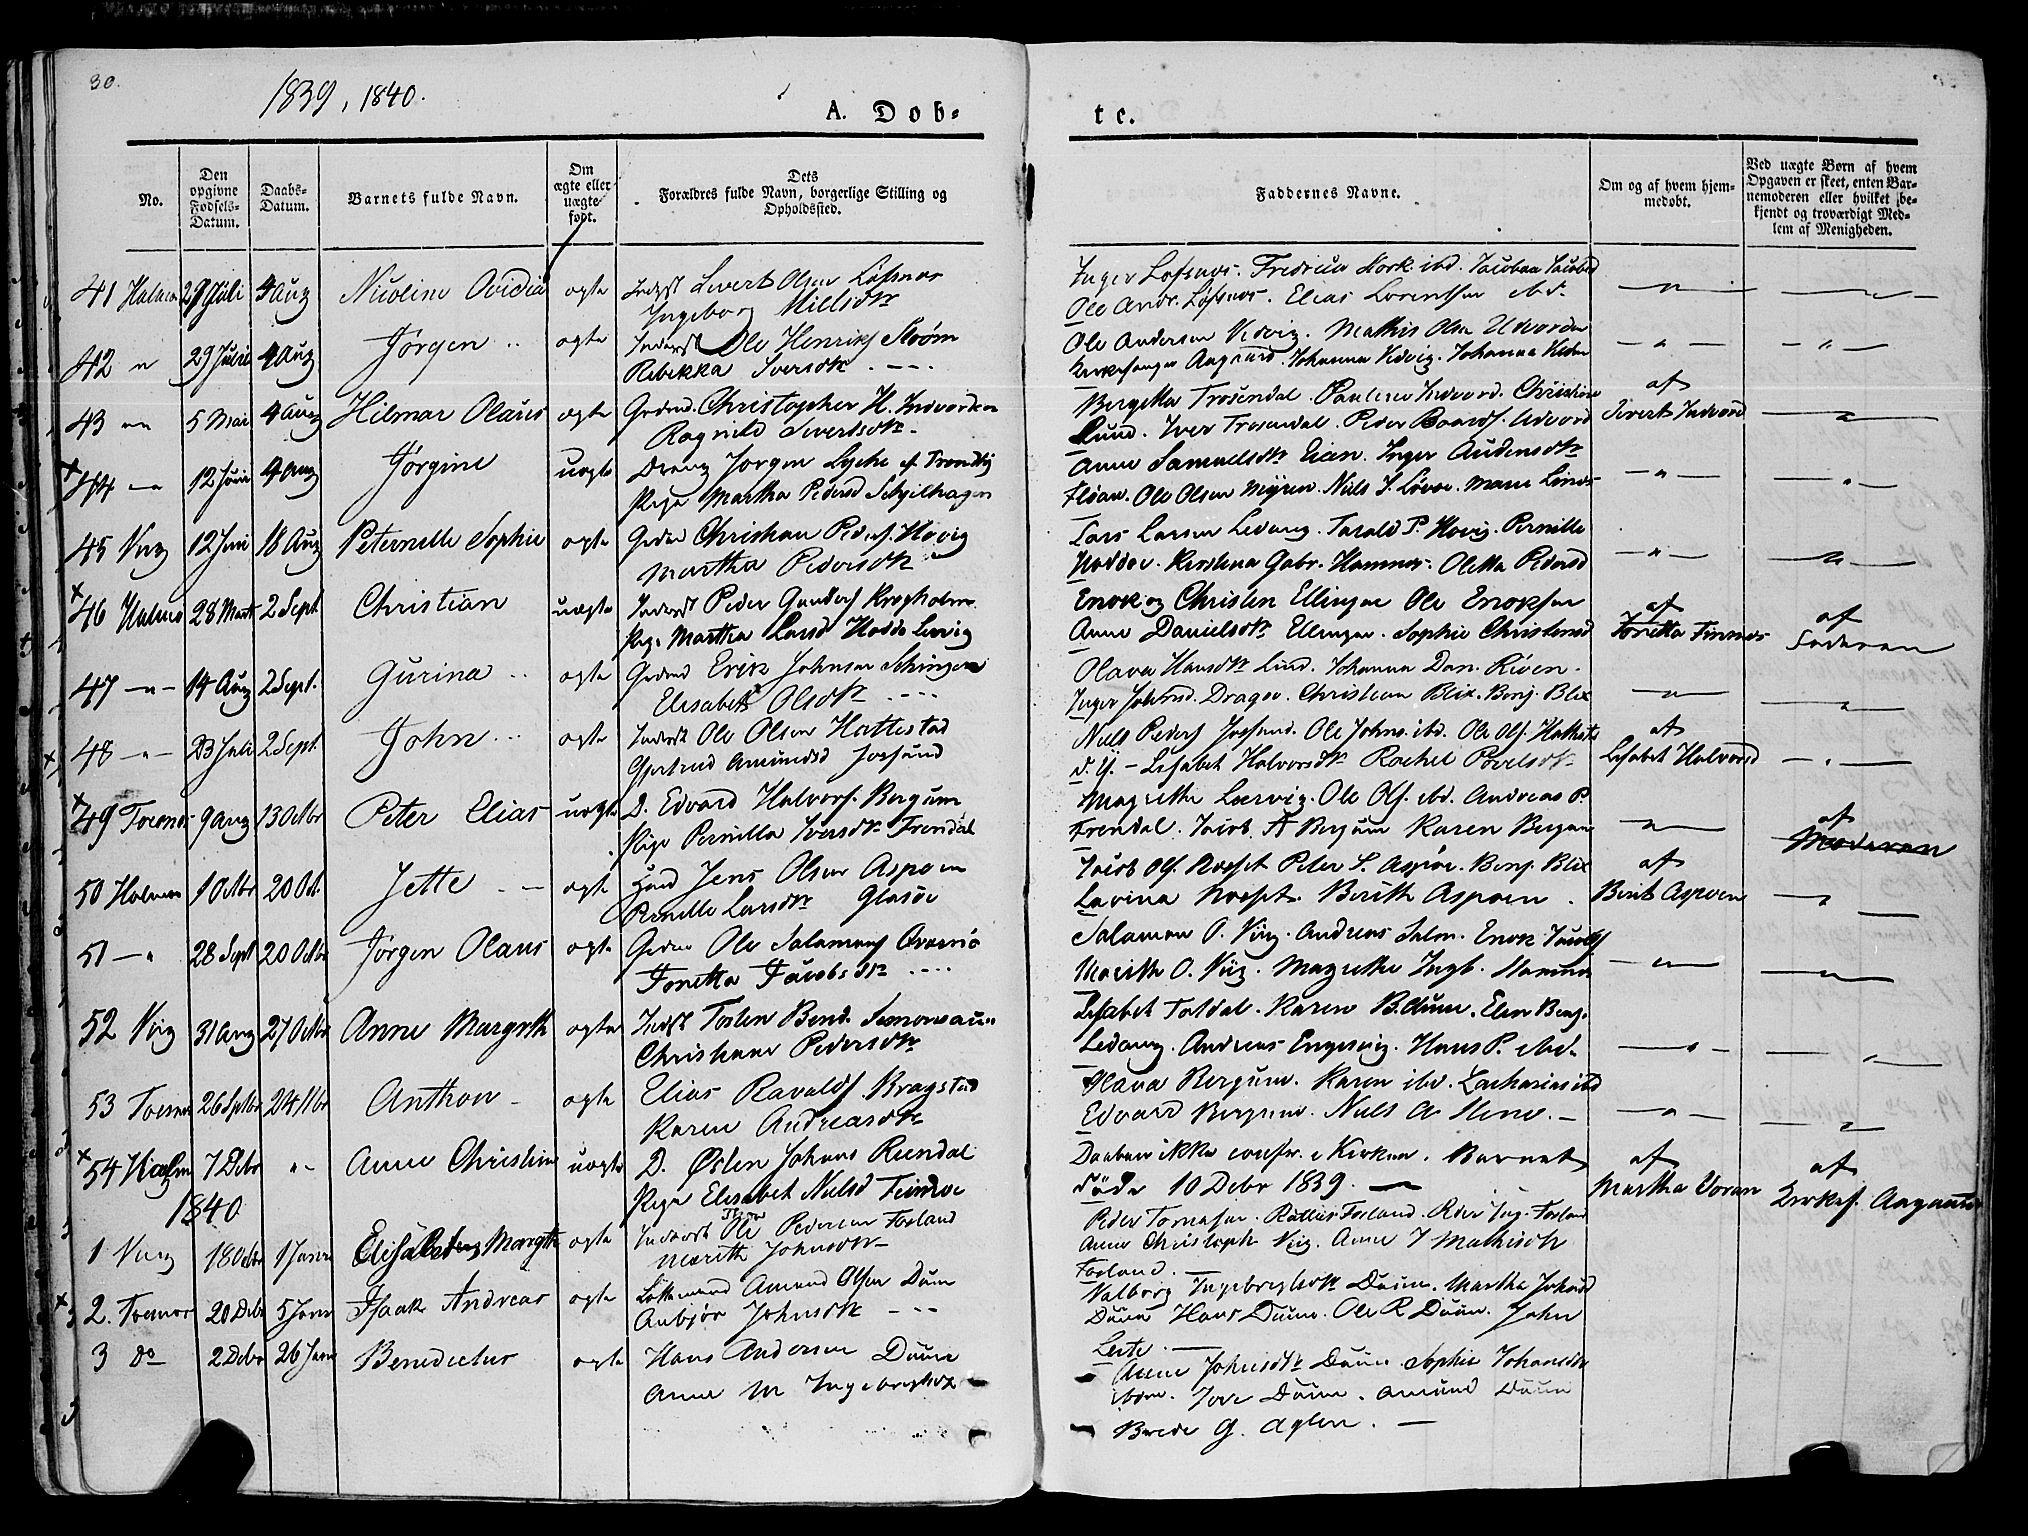 SAT, Ministerialprotokoller, klokkerbøker og fødselsregistre - Nord-Trøndelag, 773/L0614: Ministerialbok nr. 773A05, 1831-1856, s. 30